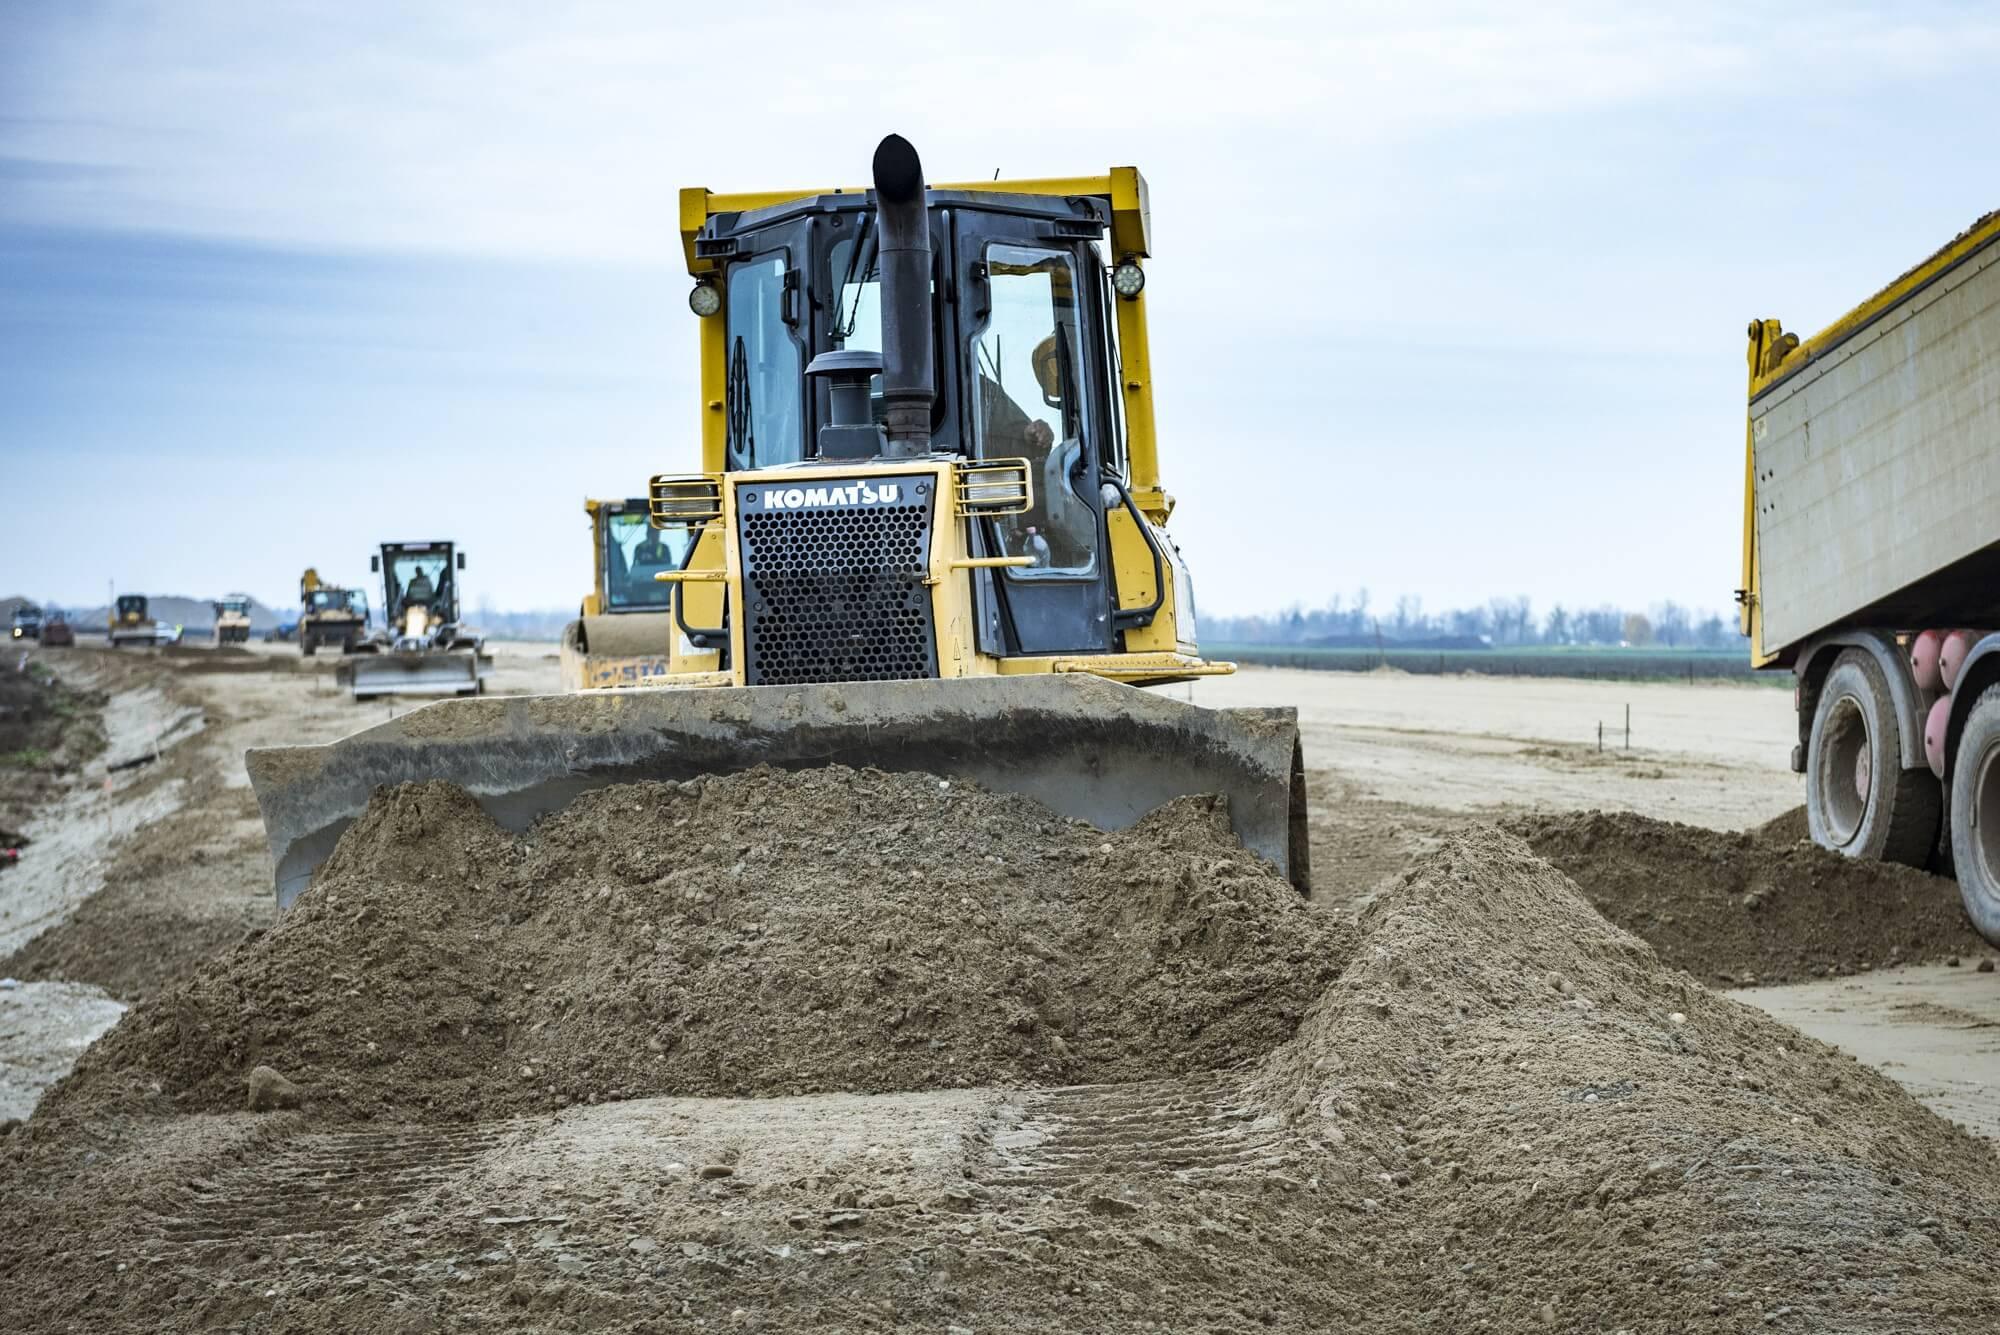 Lassú növekedéssel, de biztató folyamatokkal halad az építőipar